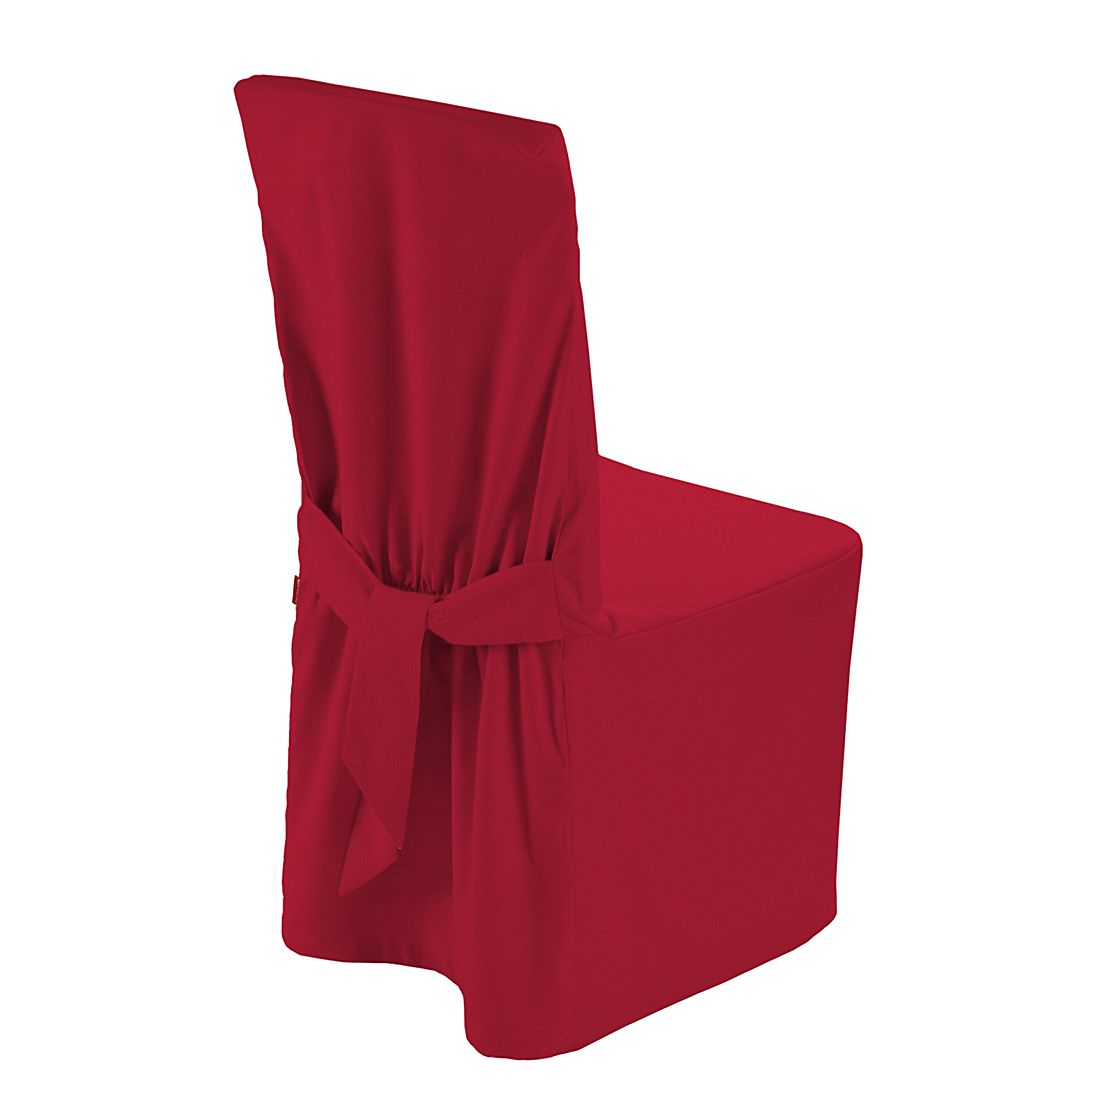 Home 24 - Housse de chaise cotton panama - rouge rubis, dekoria